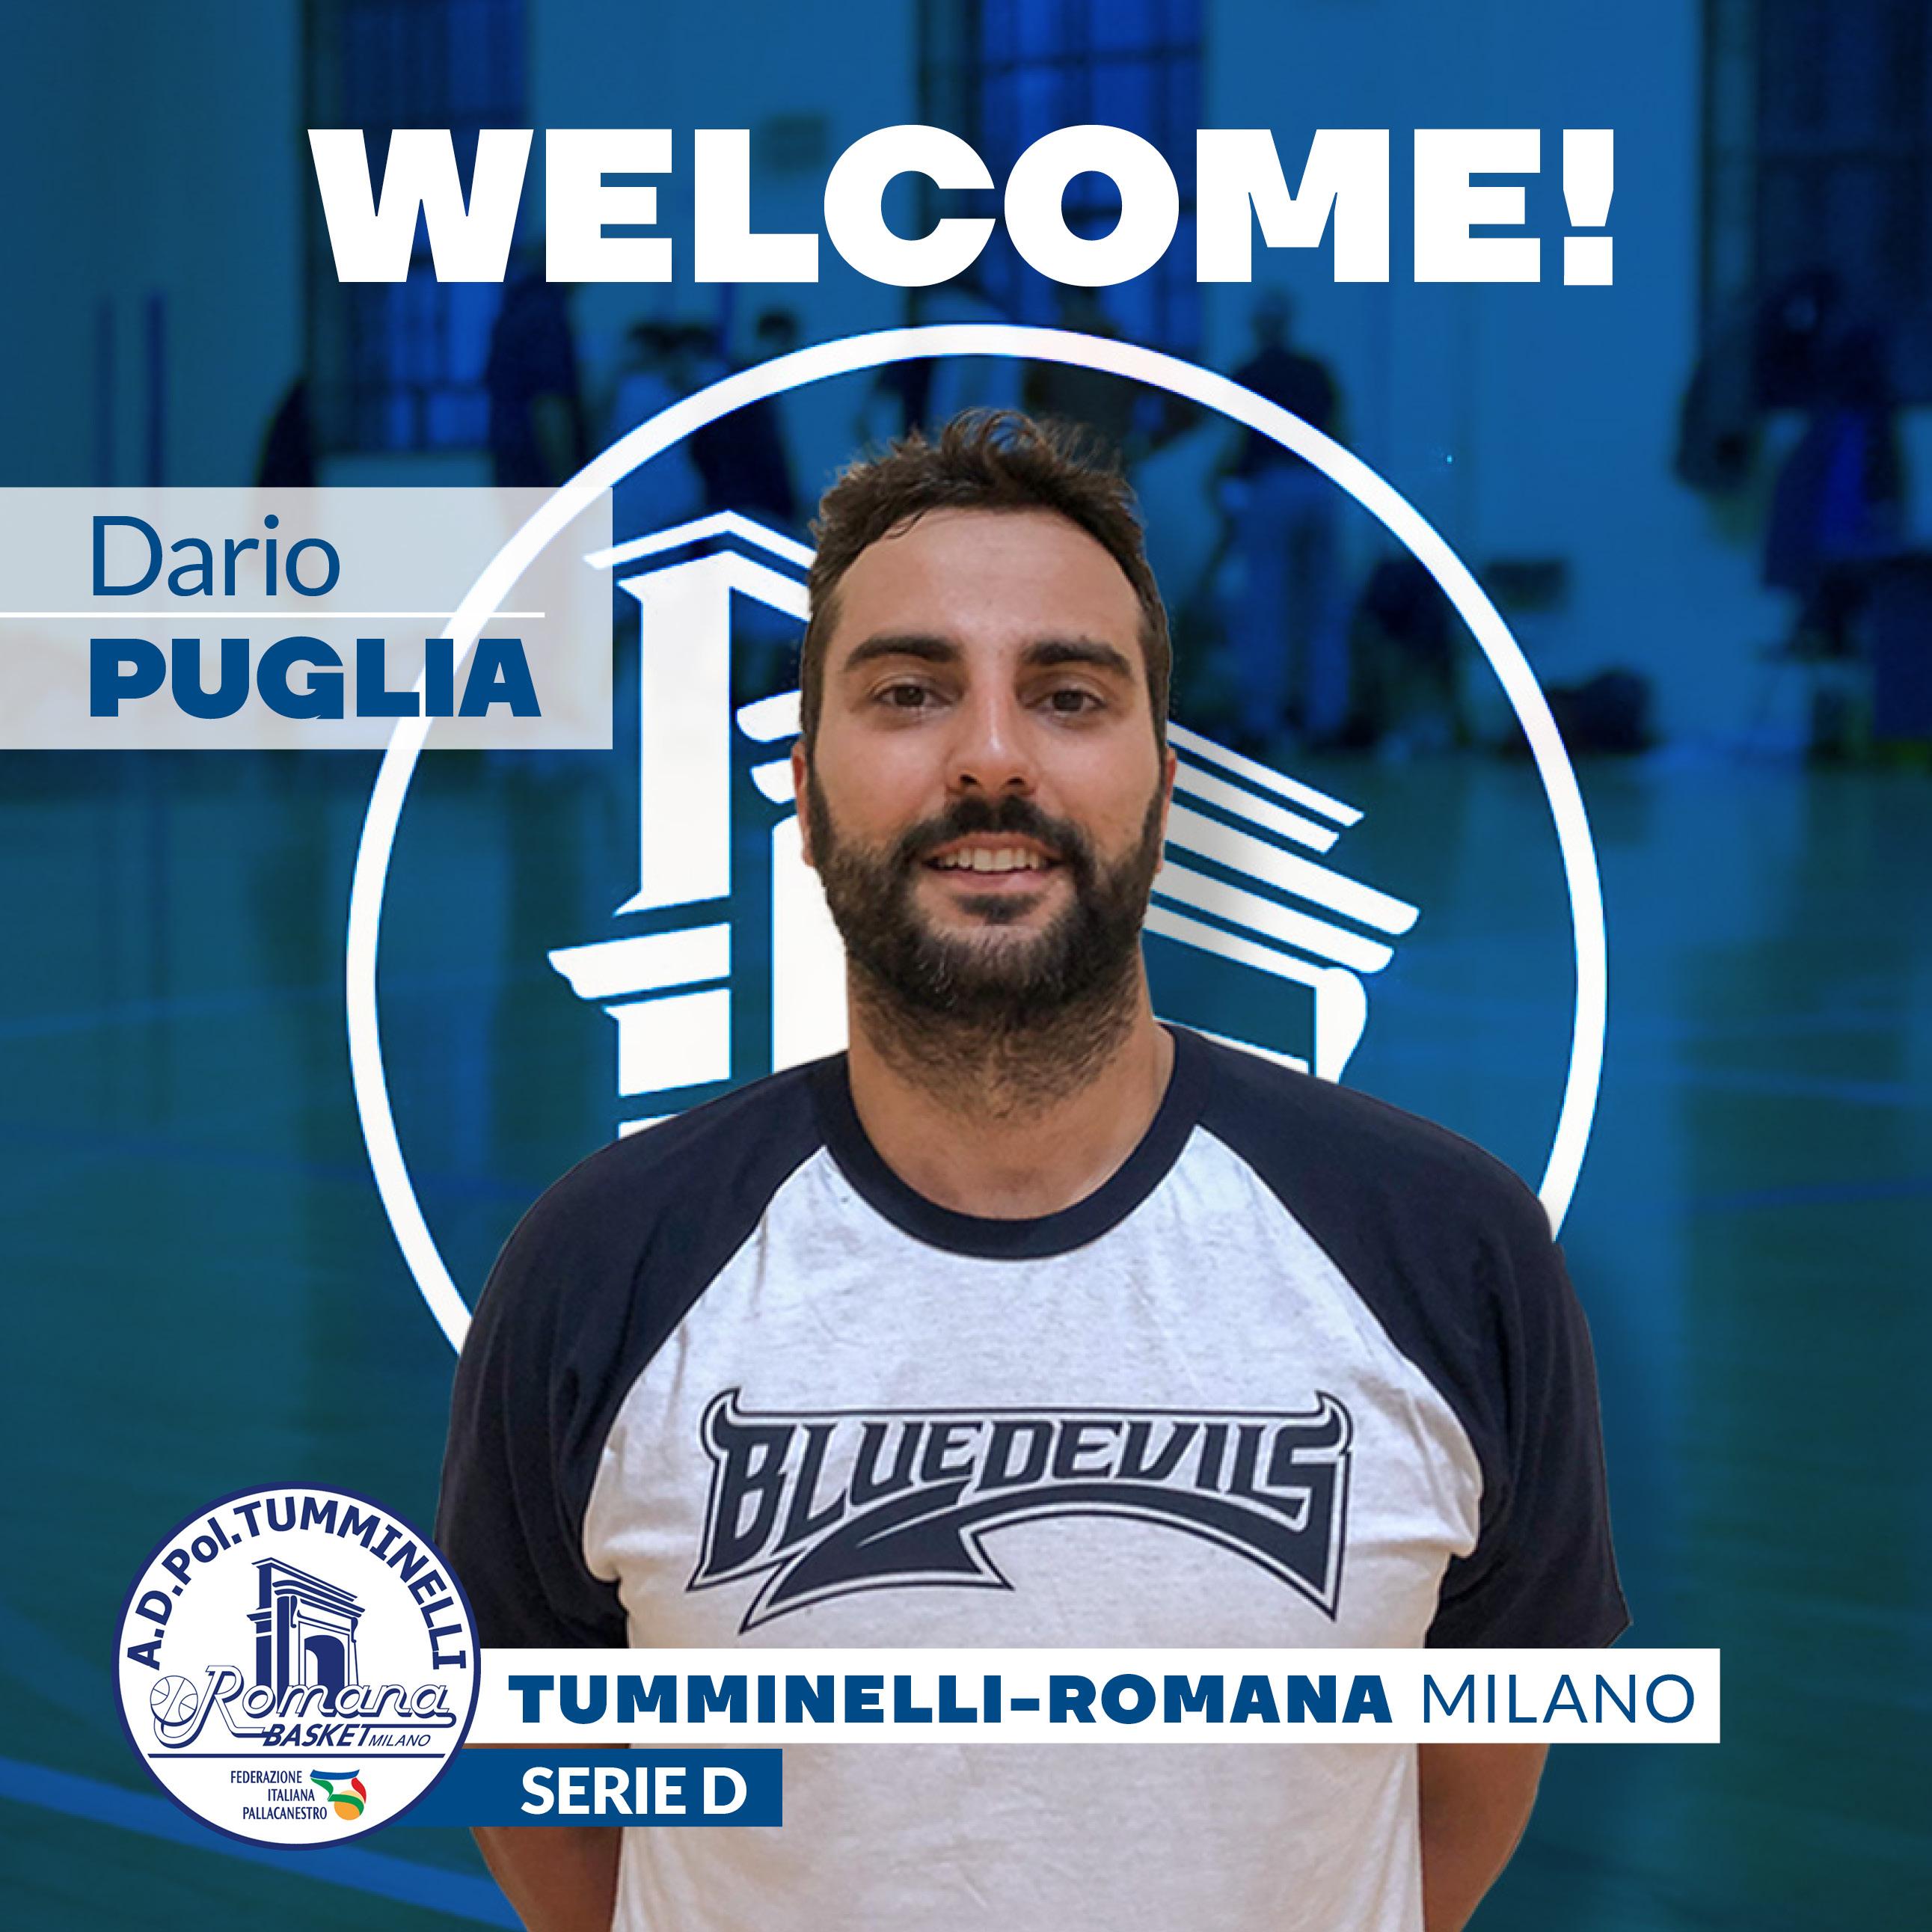 Dario Puglia